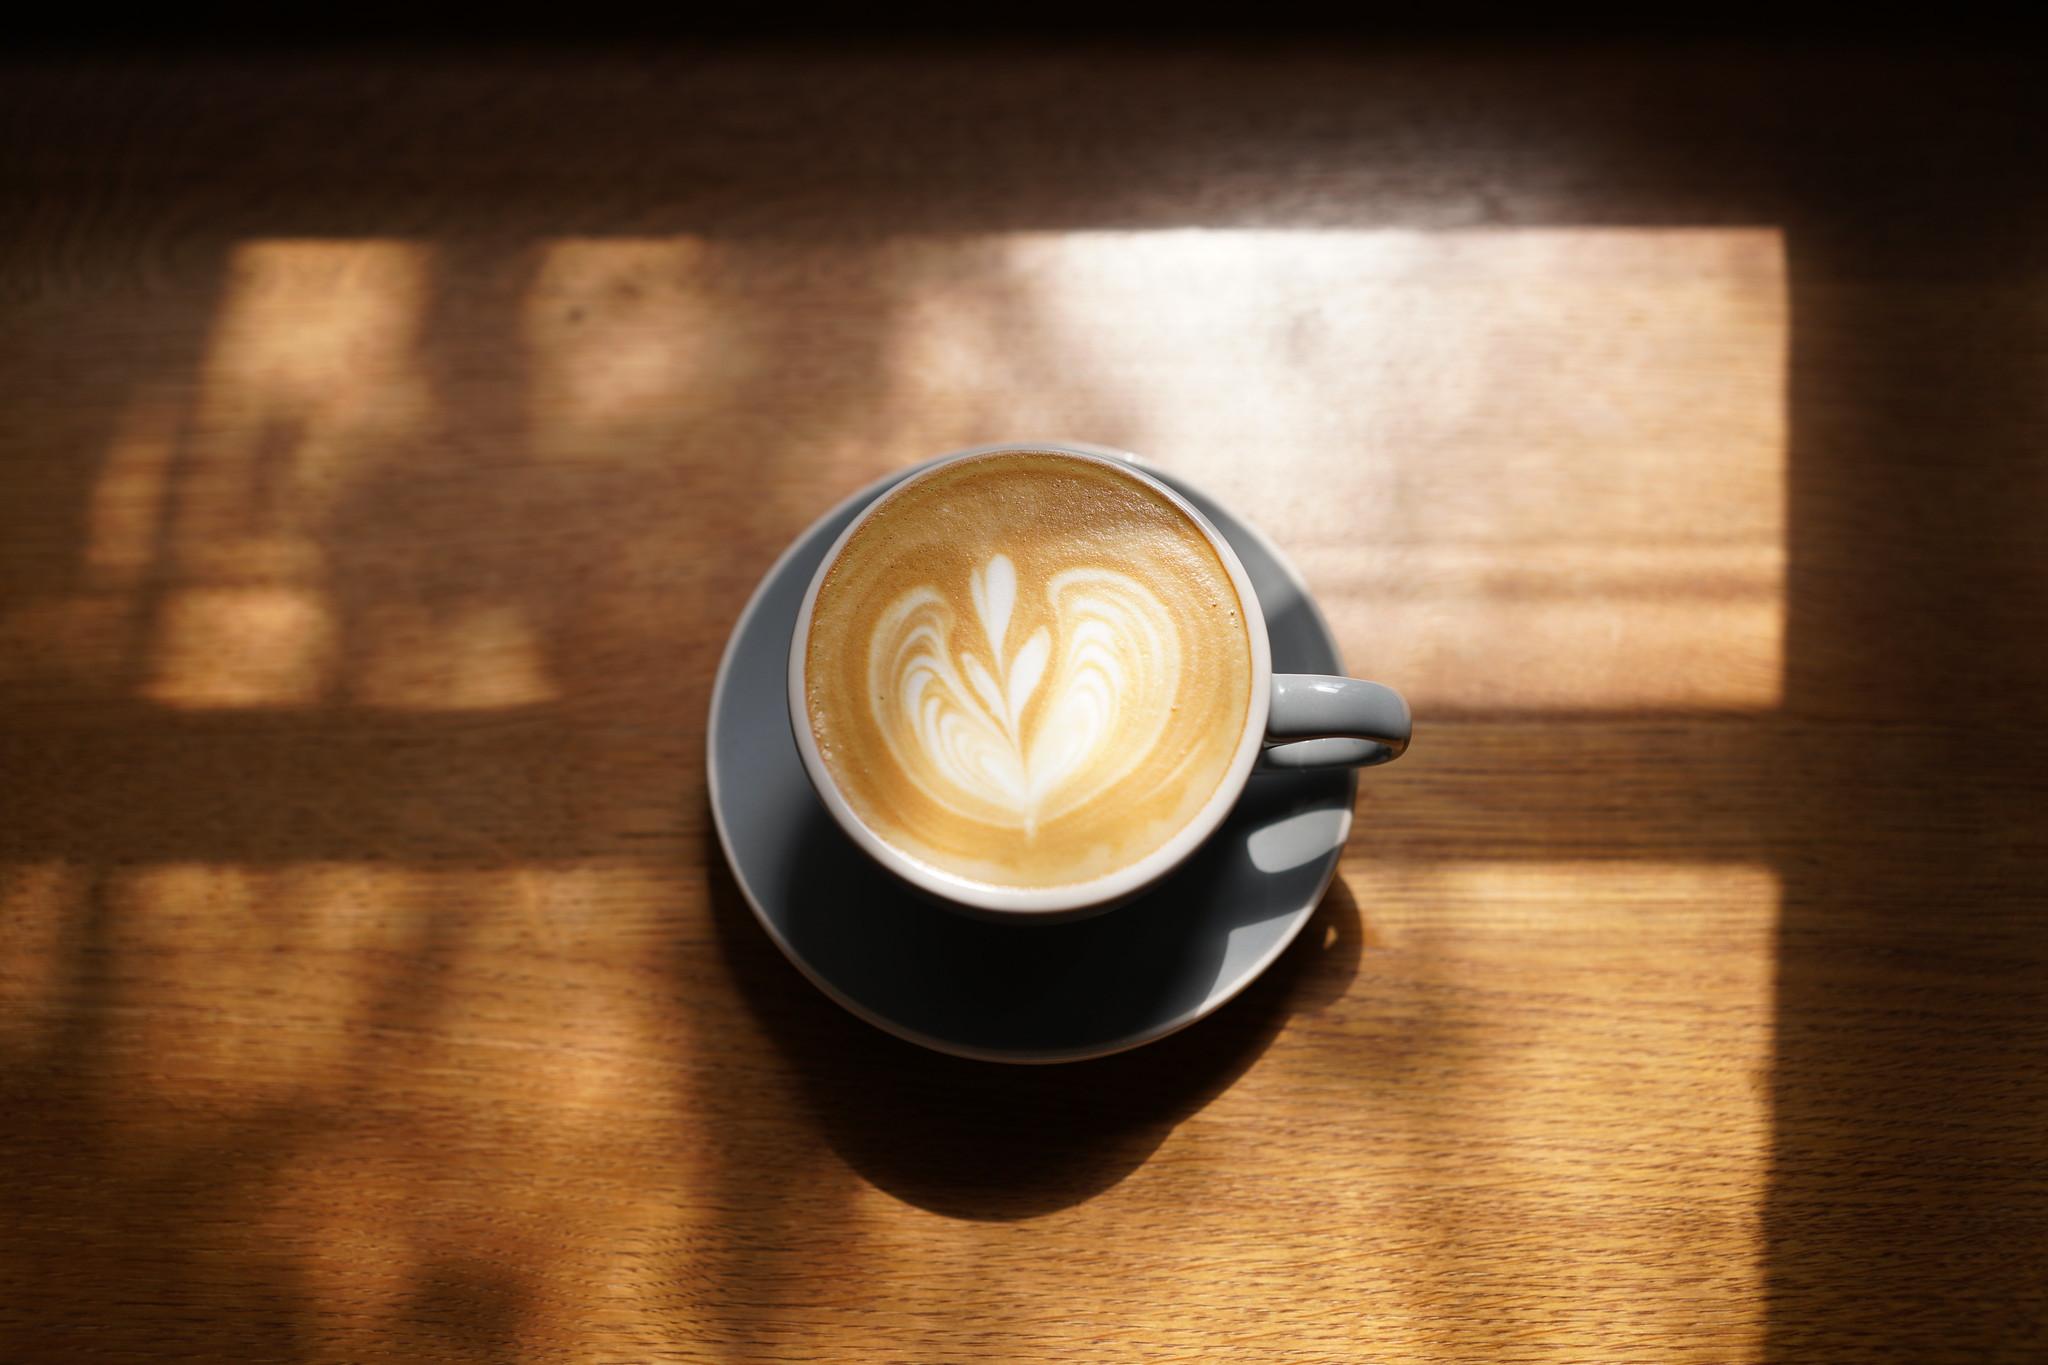 【SIGMA】ふらっと散策たまにカフェ(パン)